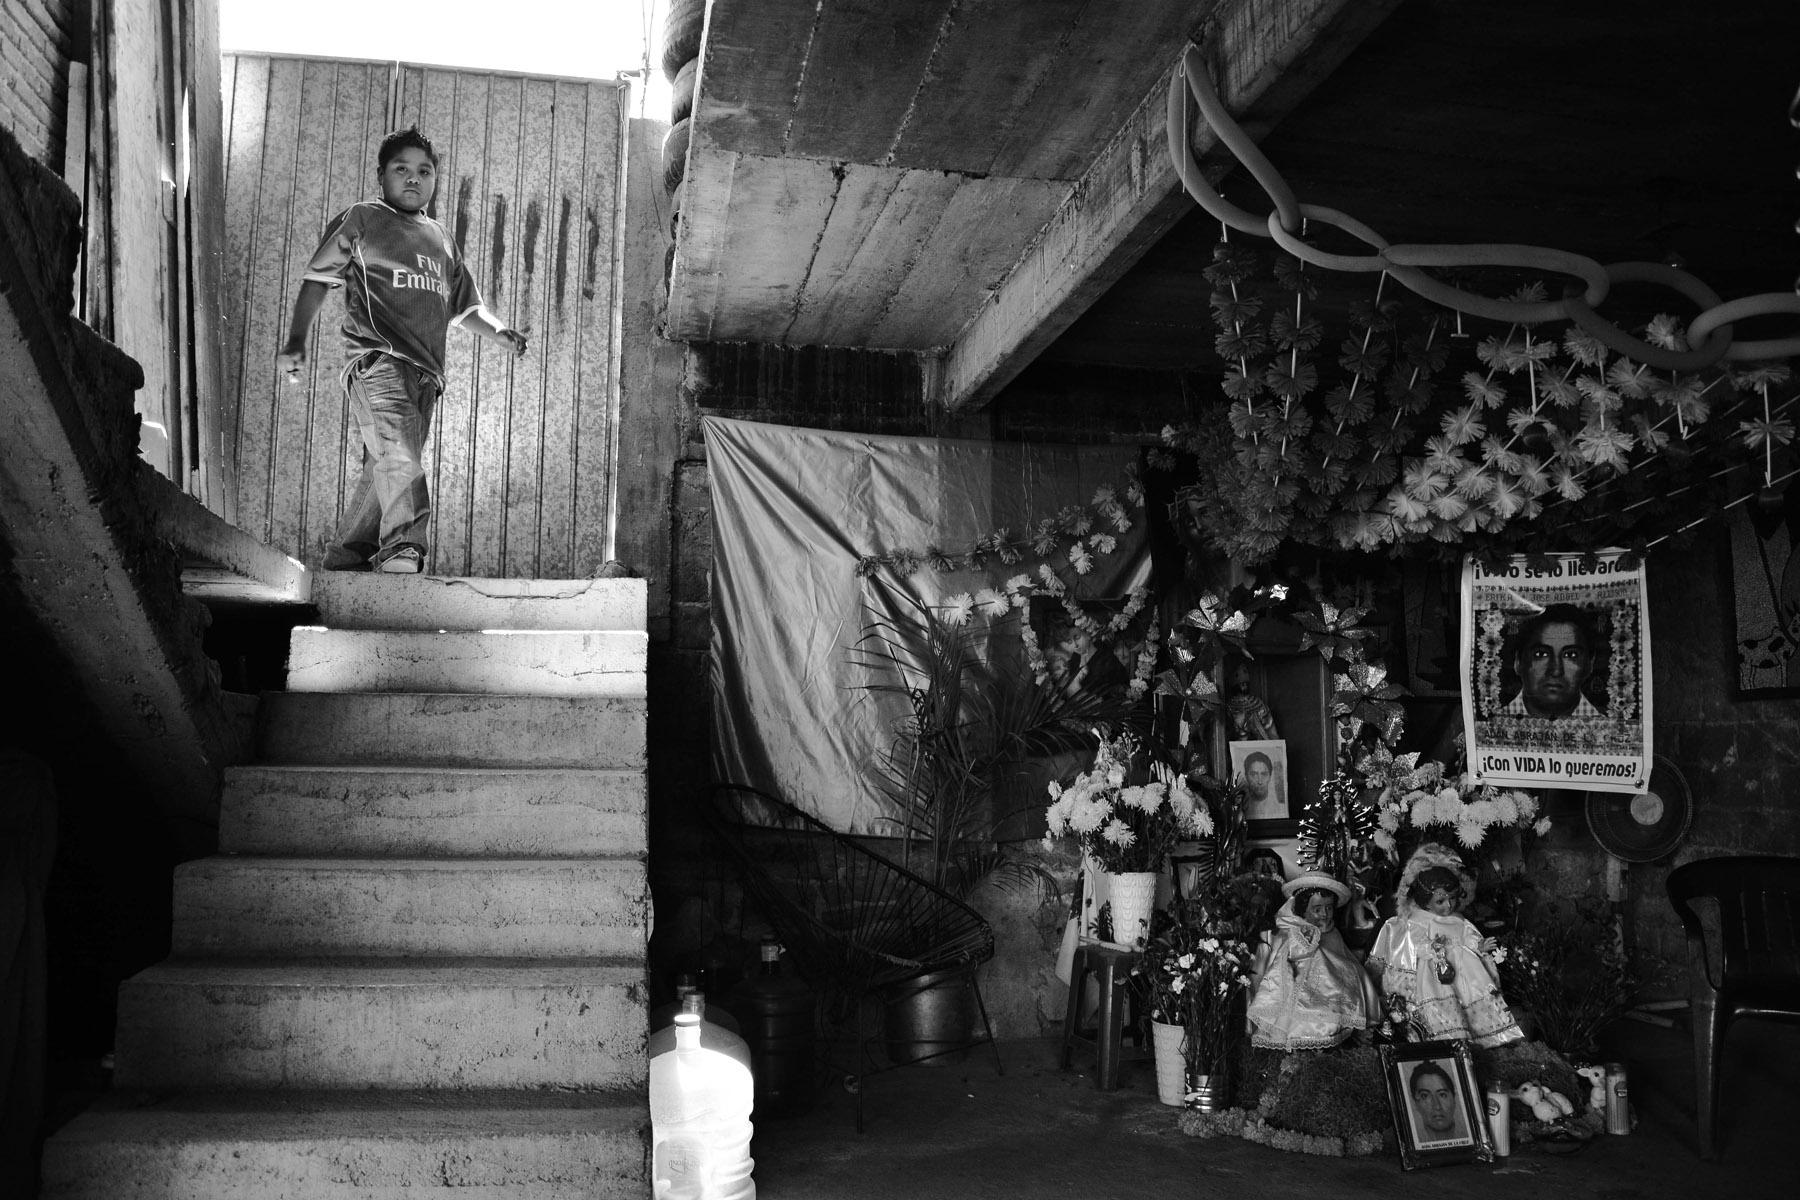 Ángel Abraján, son of Adán Abraján de la Cruz aside a memorial to remember his father inside his home in Tixtla, Guerrero. (Courtesy of Emmanuel Guillén Lozano)